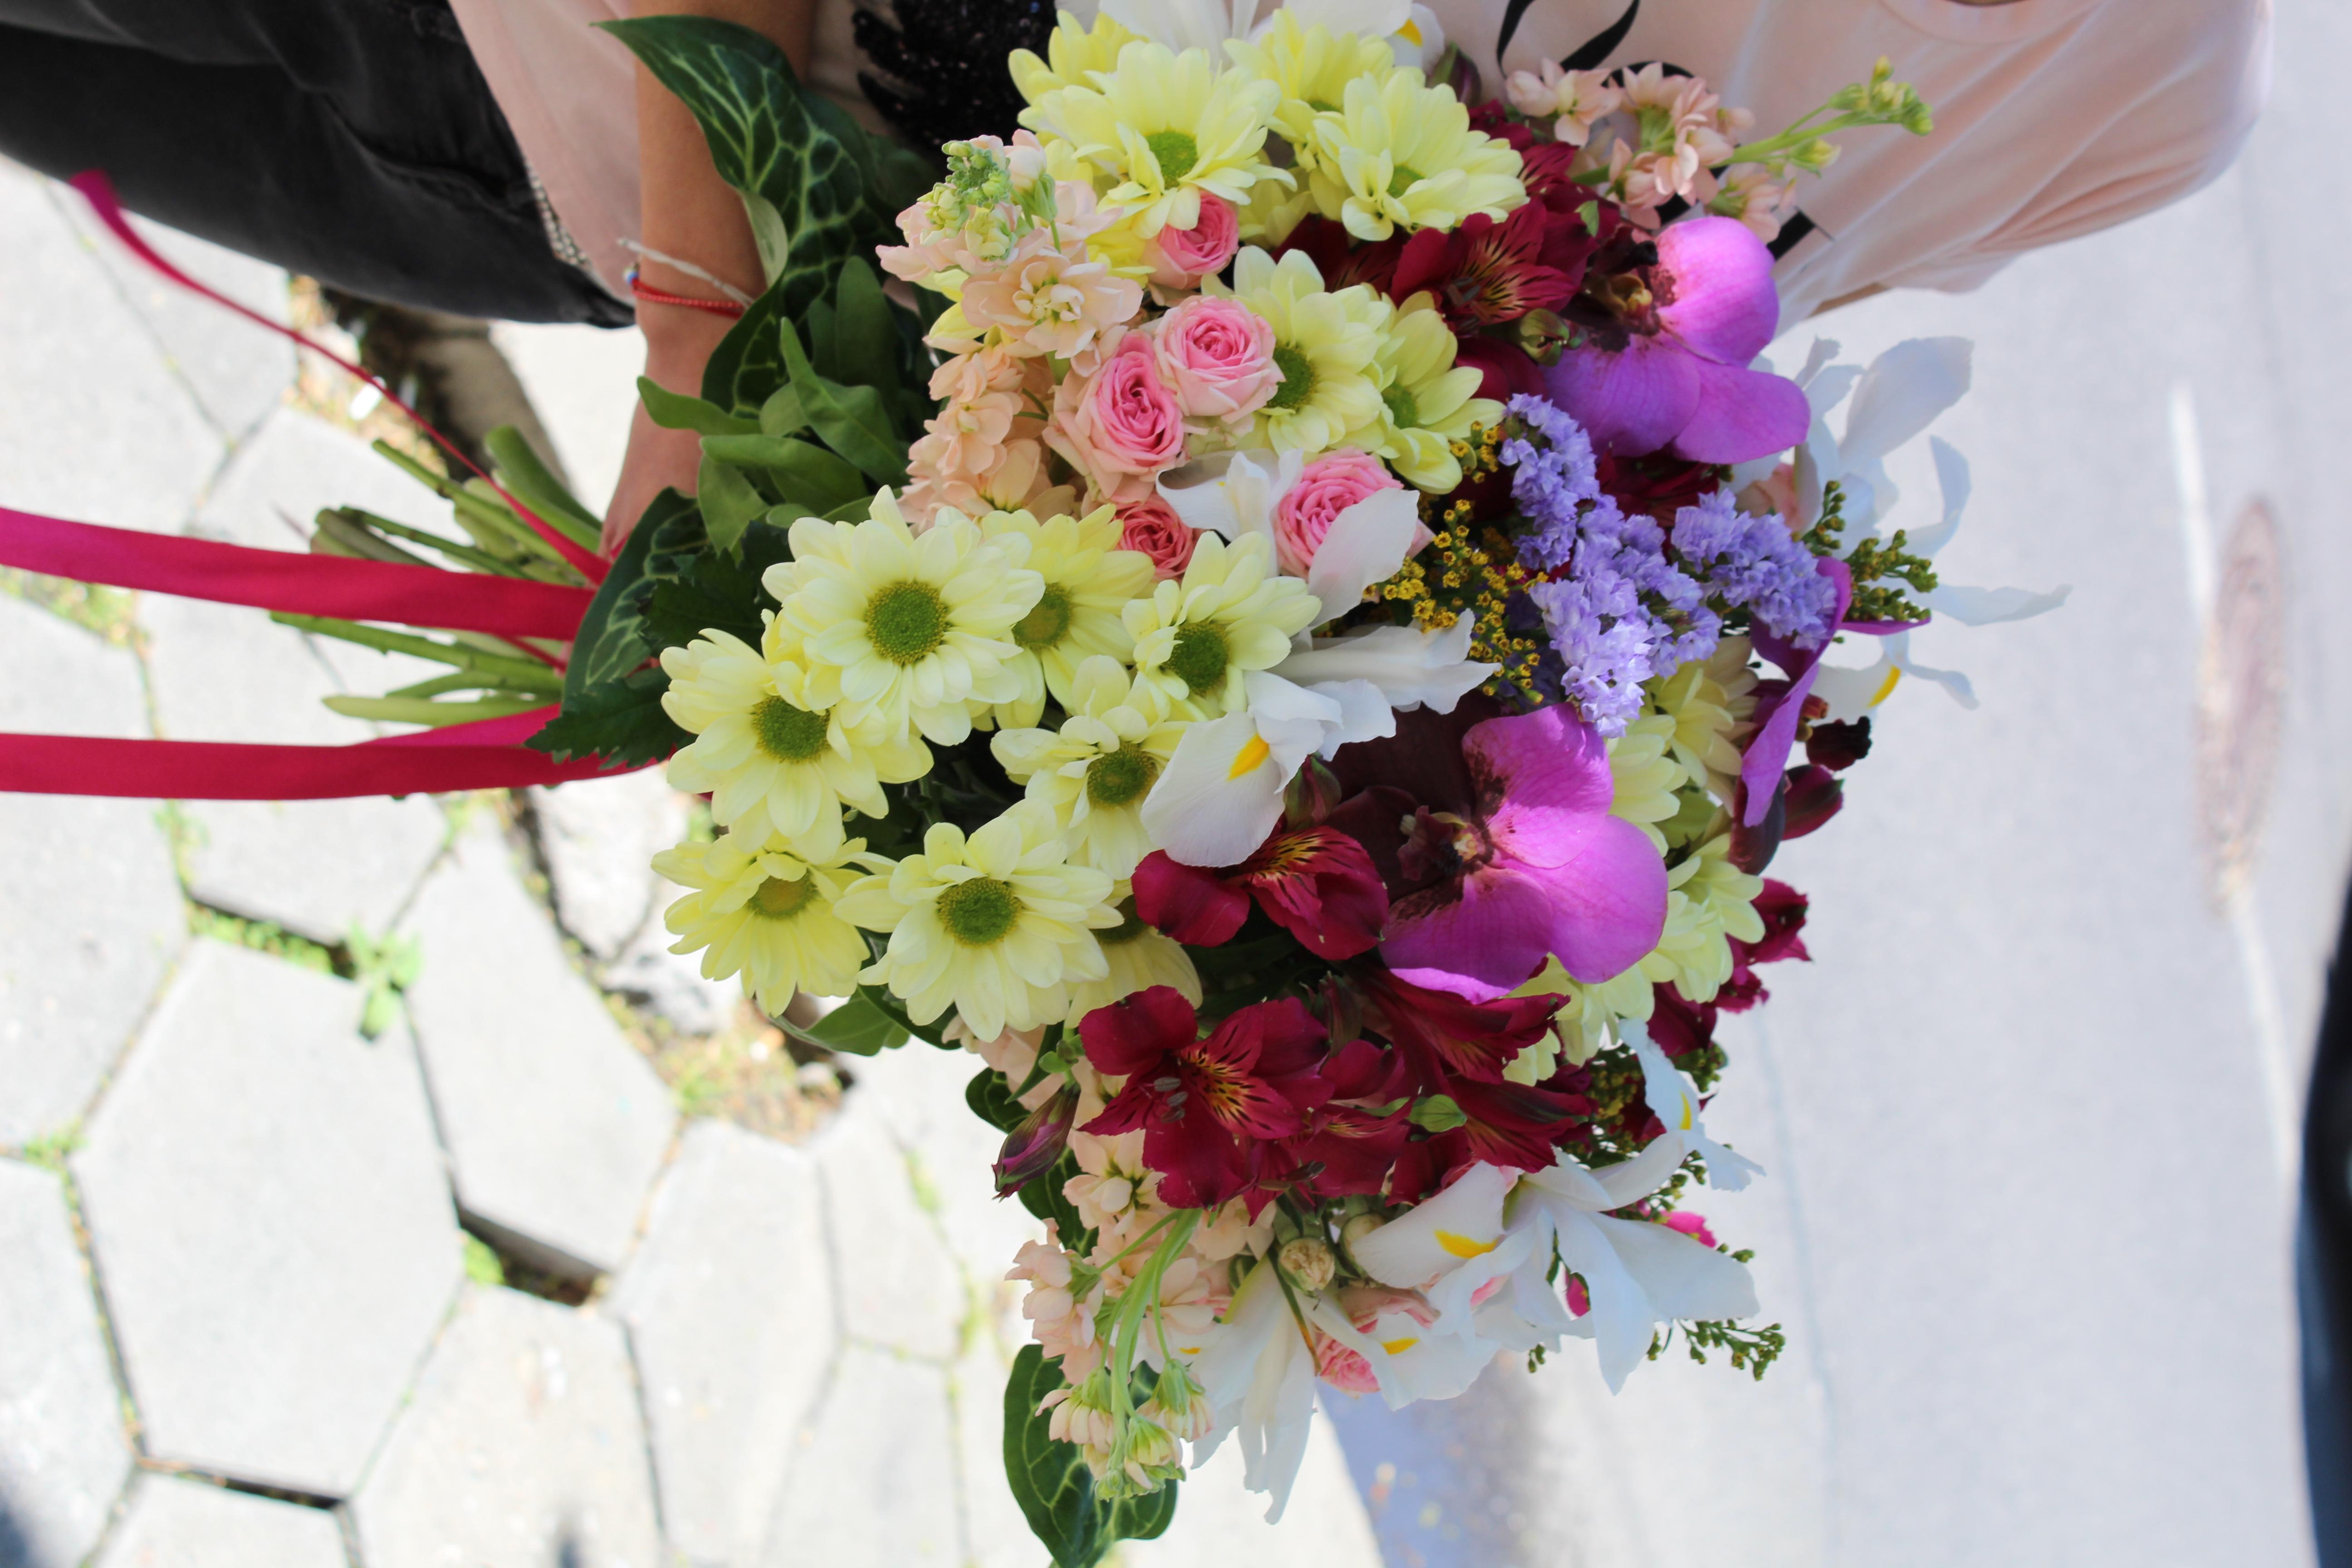 смесен букет, сезонни цветя, красиво, цветно, любов, подарък, изненада